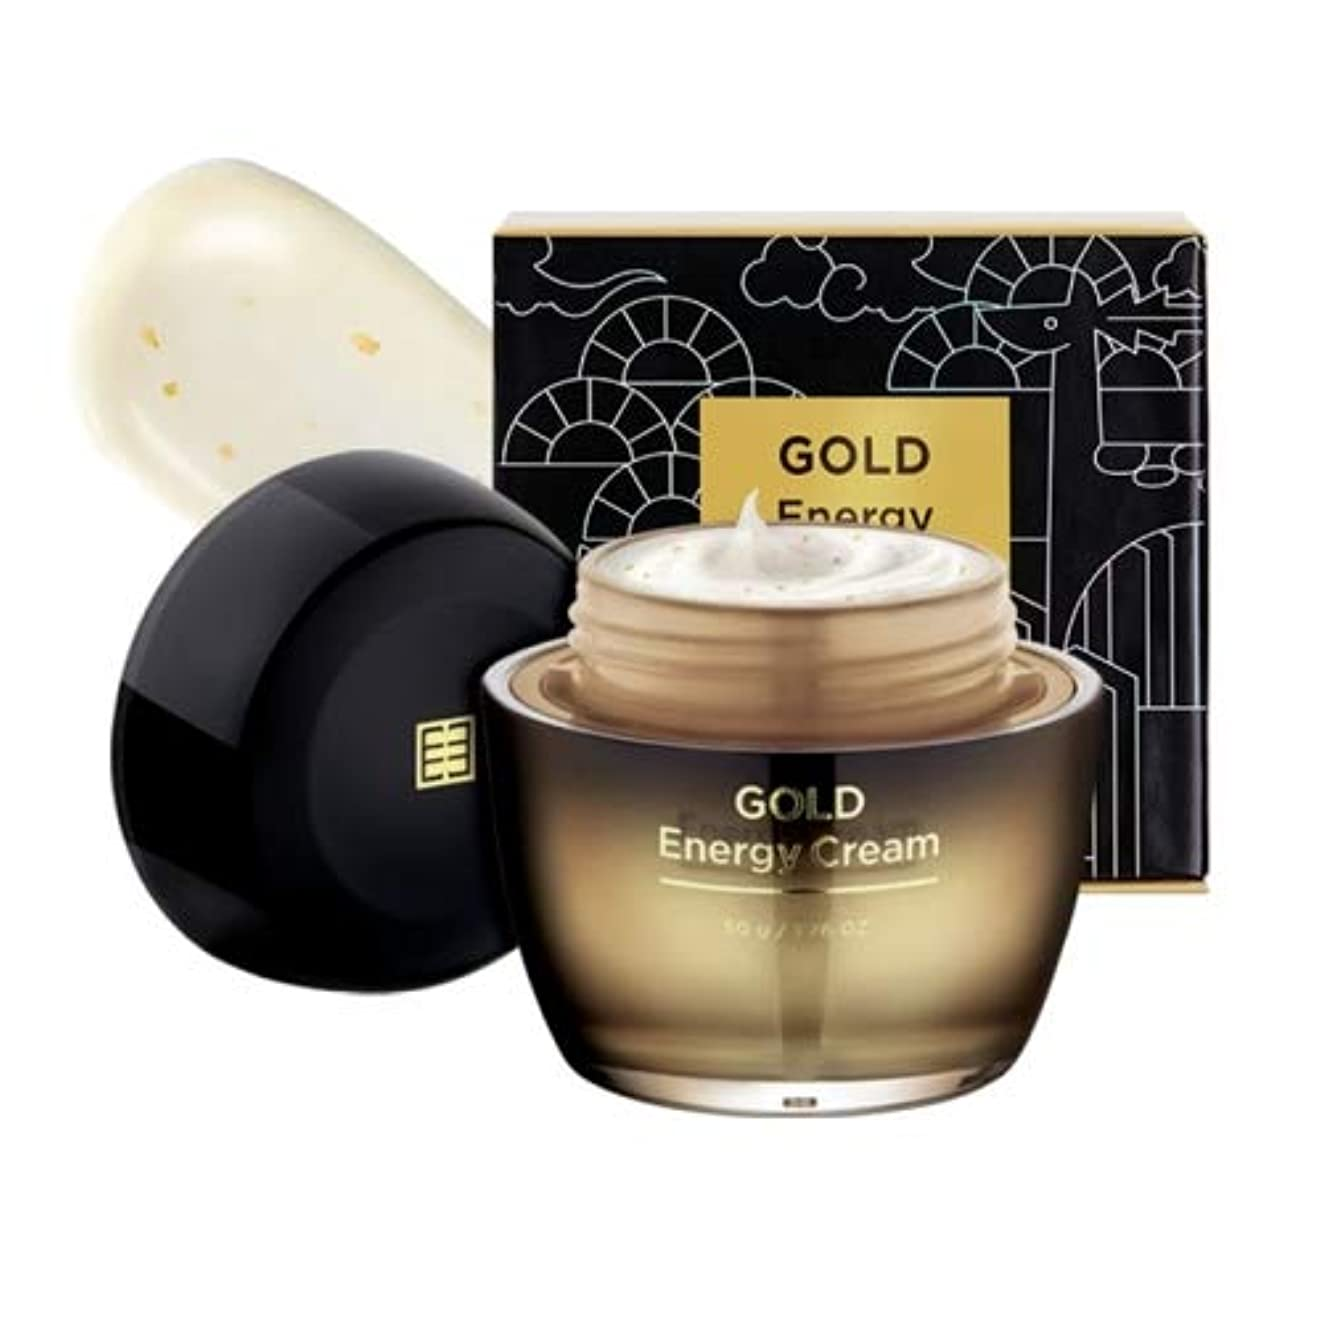 交じる期待する偏心ESTHEMED 【NEW!! エステメドゴールドエネルギークリーム】ESTHEMED GOLD Energy Cream 50g